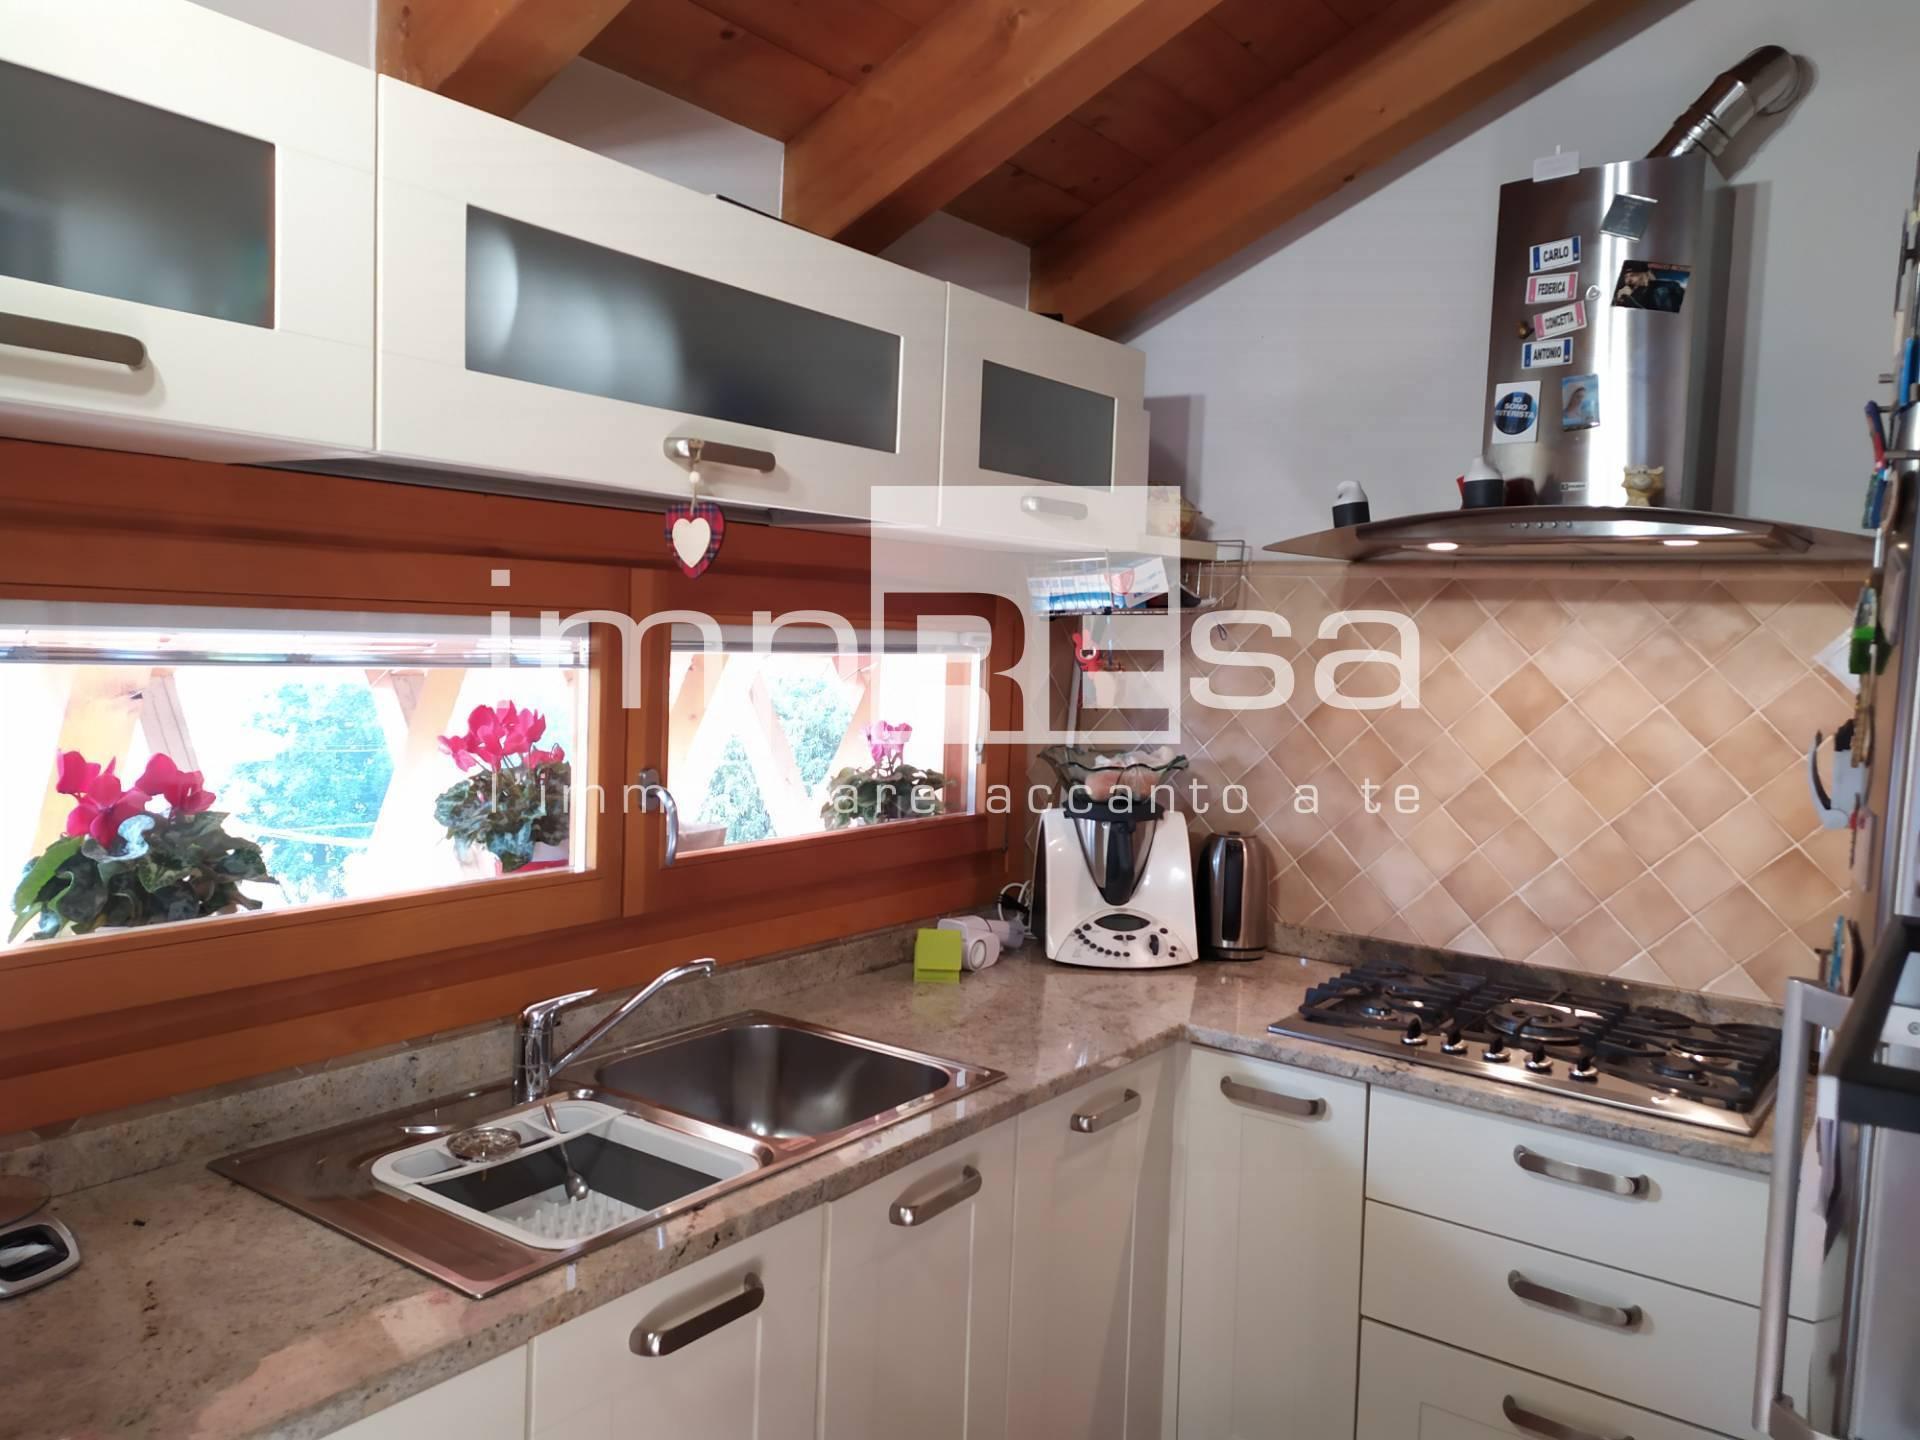 Appartamento in vendita a Santa Lucia di Piave, 4 locali, prezzo € 132.000 | PortaleAgenzieImmobiliari.it